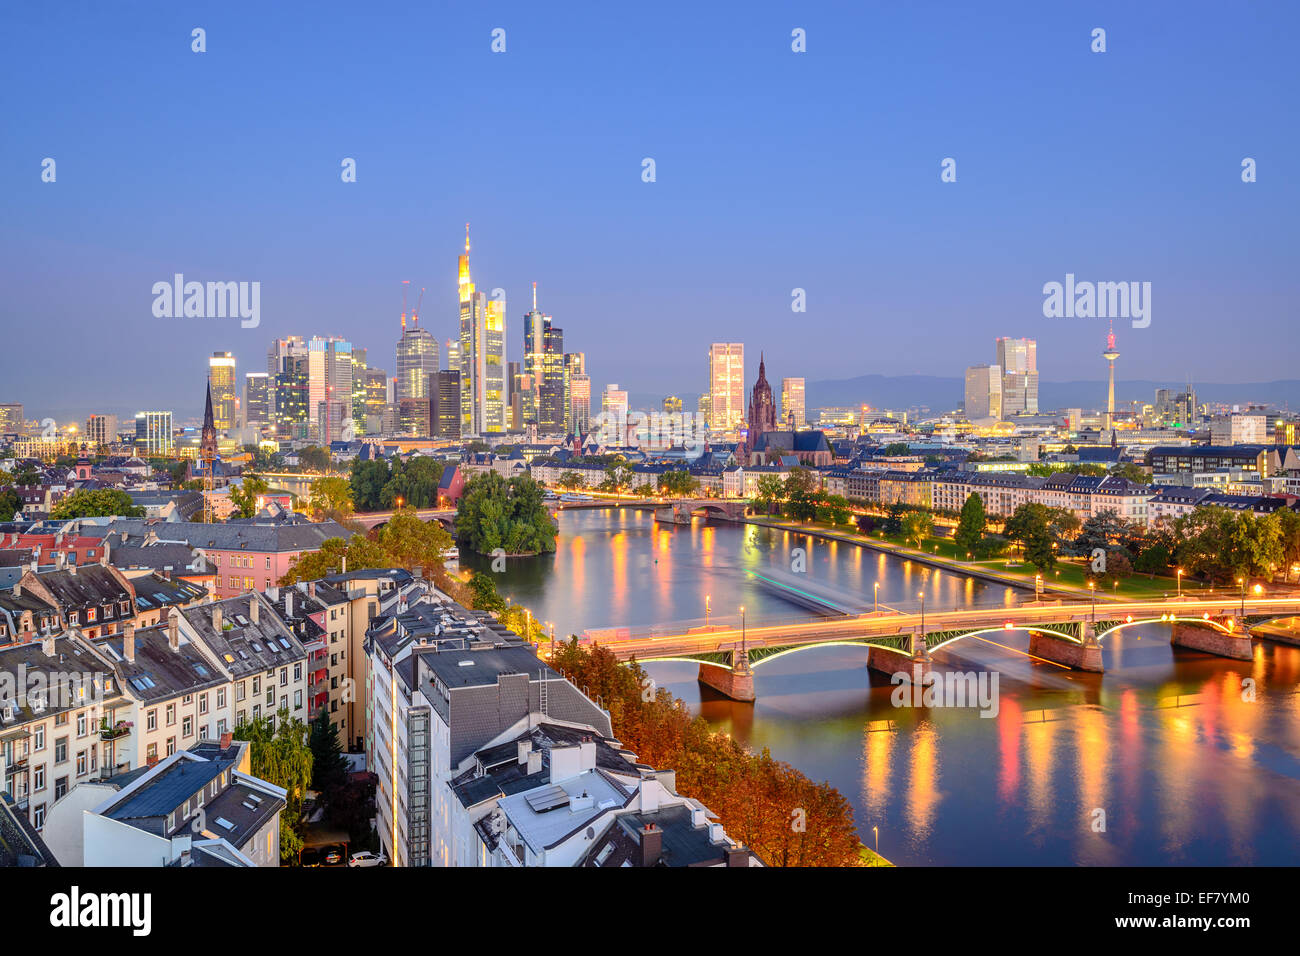 Francfort, Allemagne ville sur la rivière principale. Photo Stock